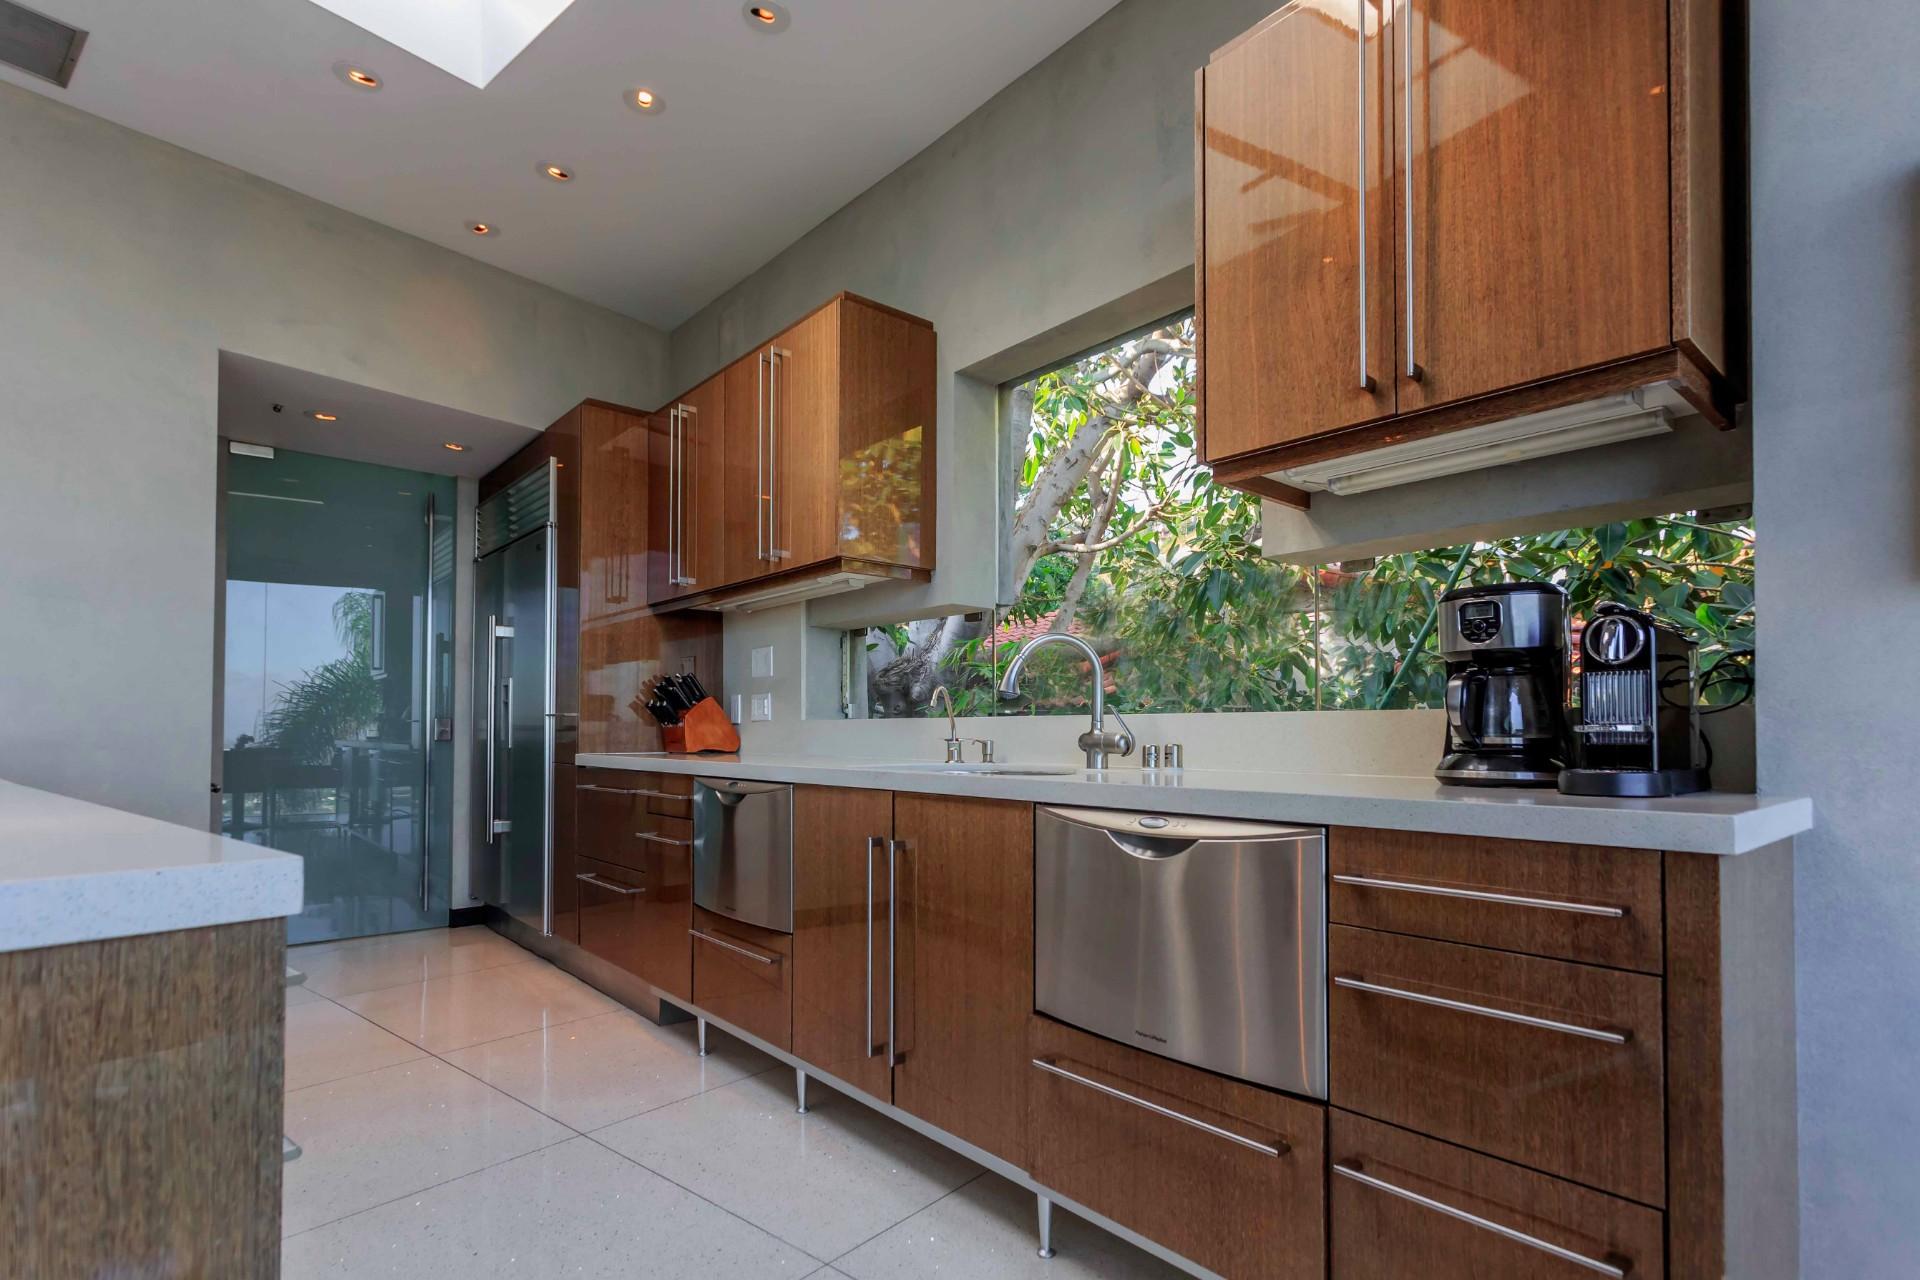 8444-Harold-Way-kitchen-sink